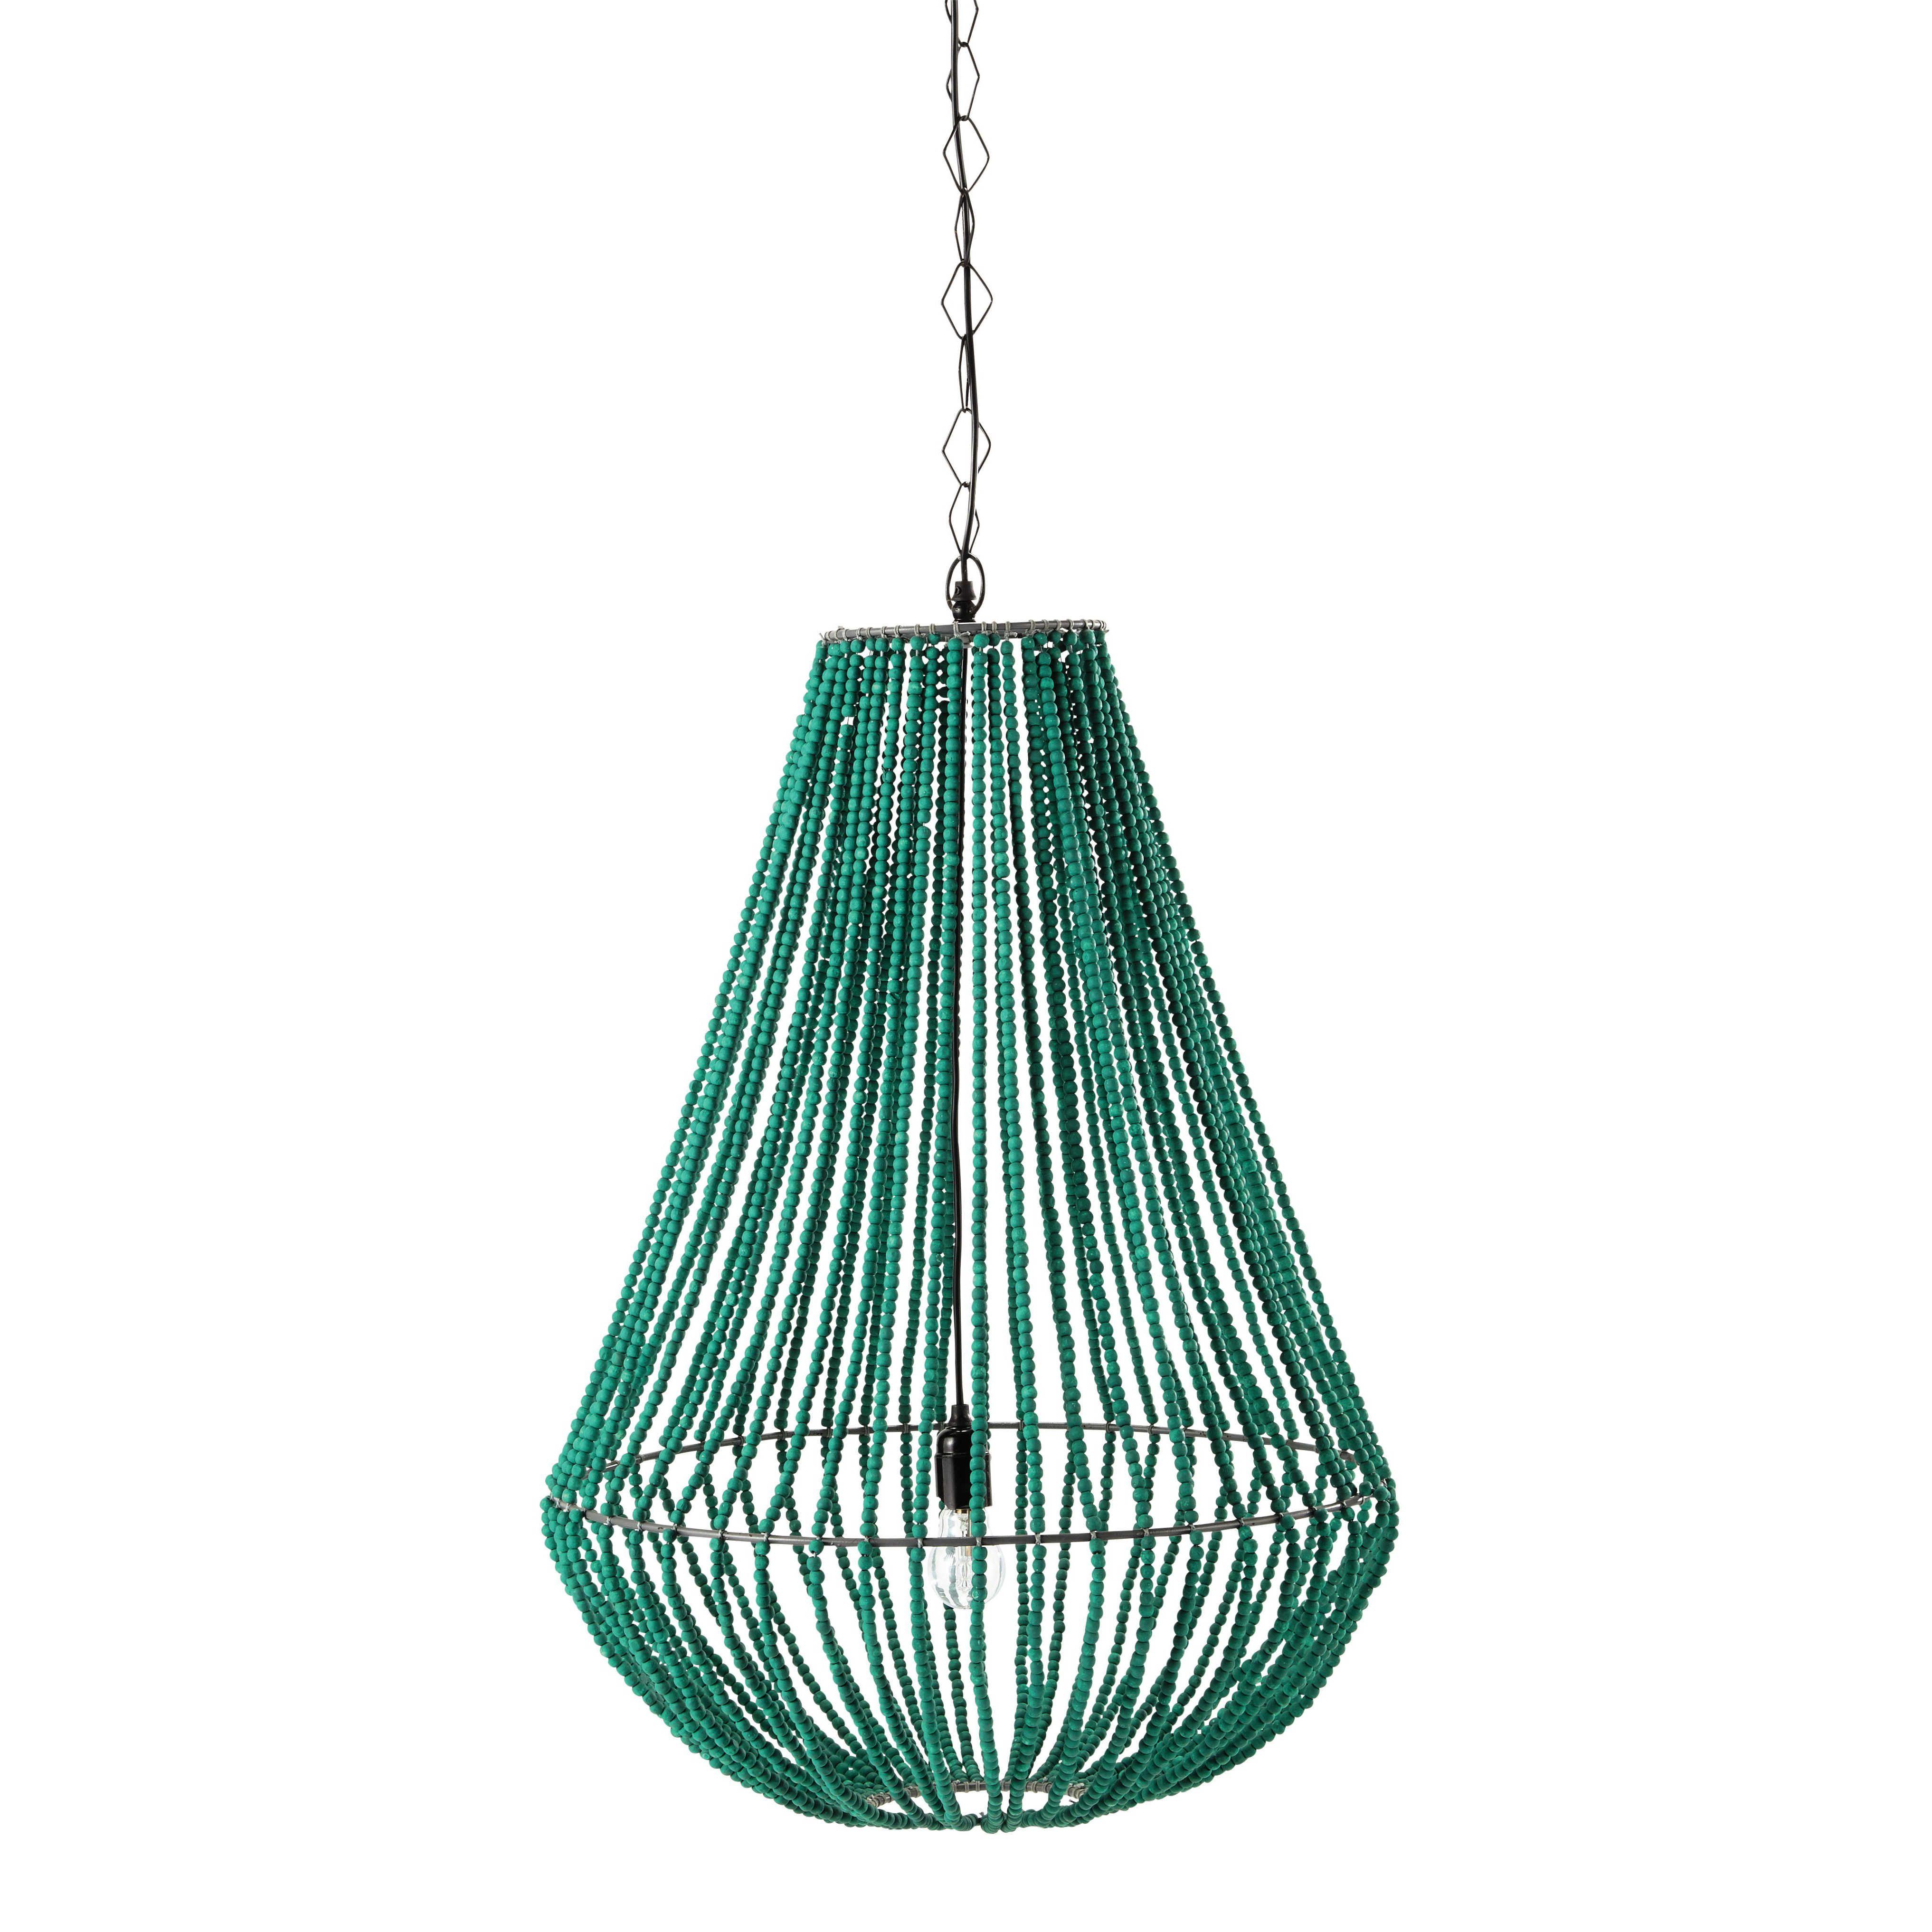 Suspension en métal et bois verte D 56 cm APUCARANA | °Idées ...